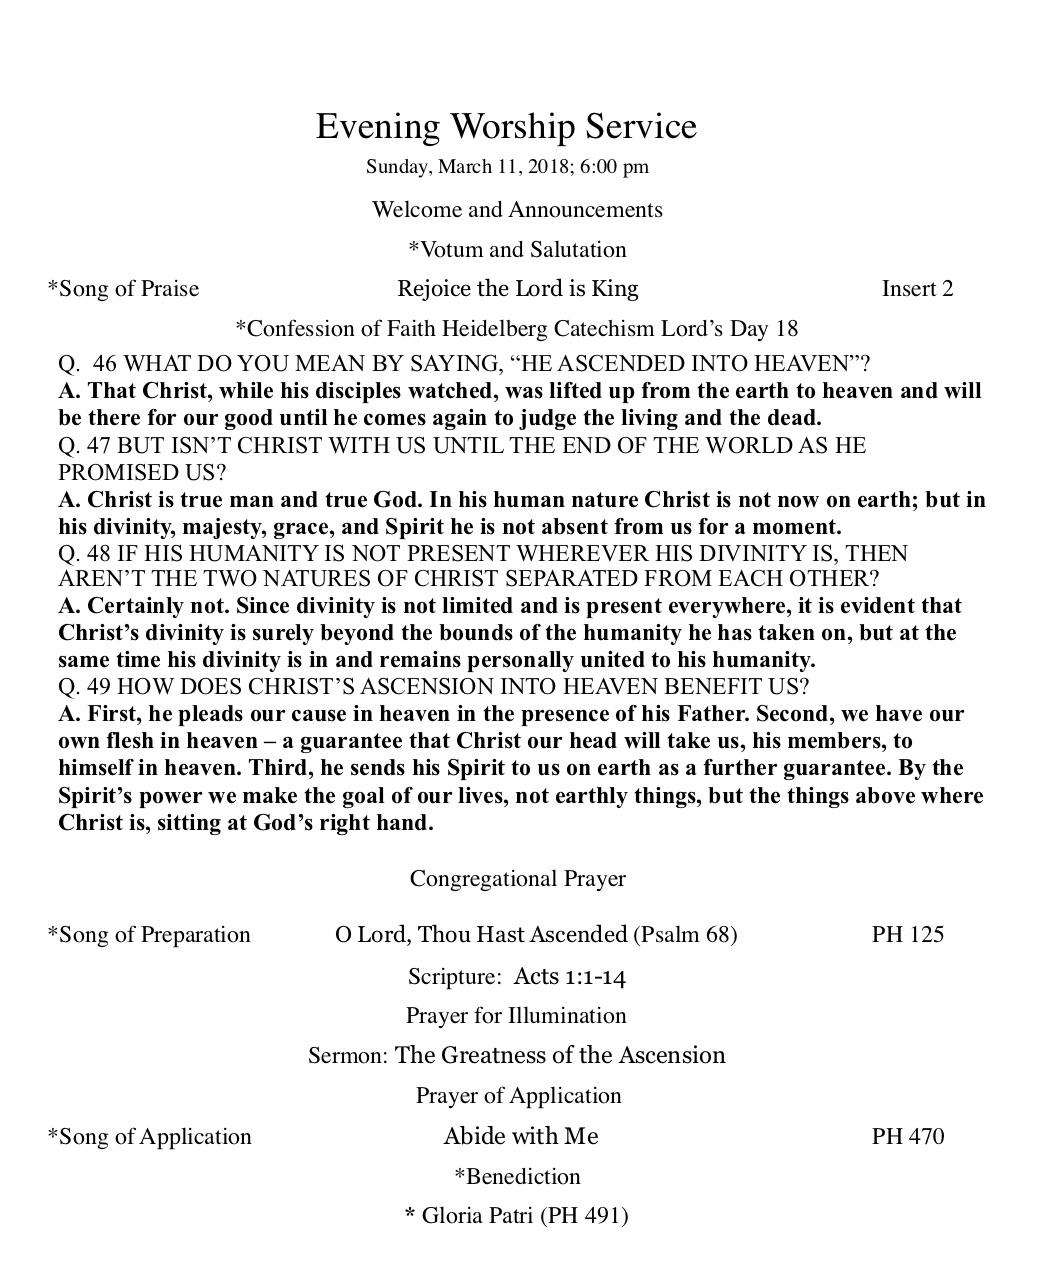 ZRC Evening Bulletin 3.11.18.jpg